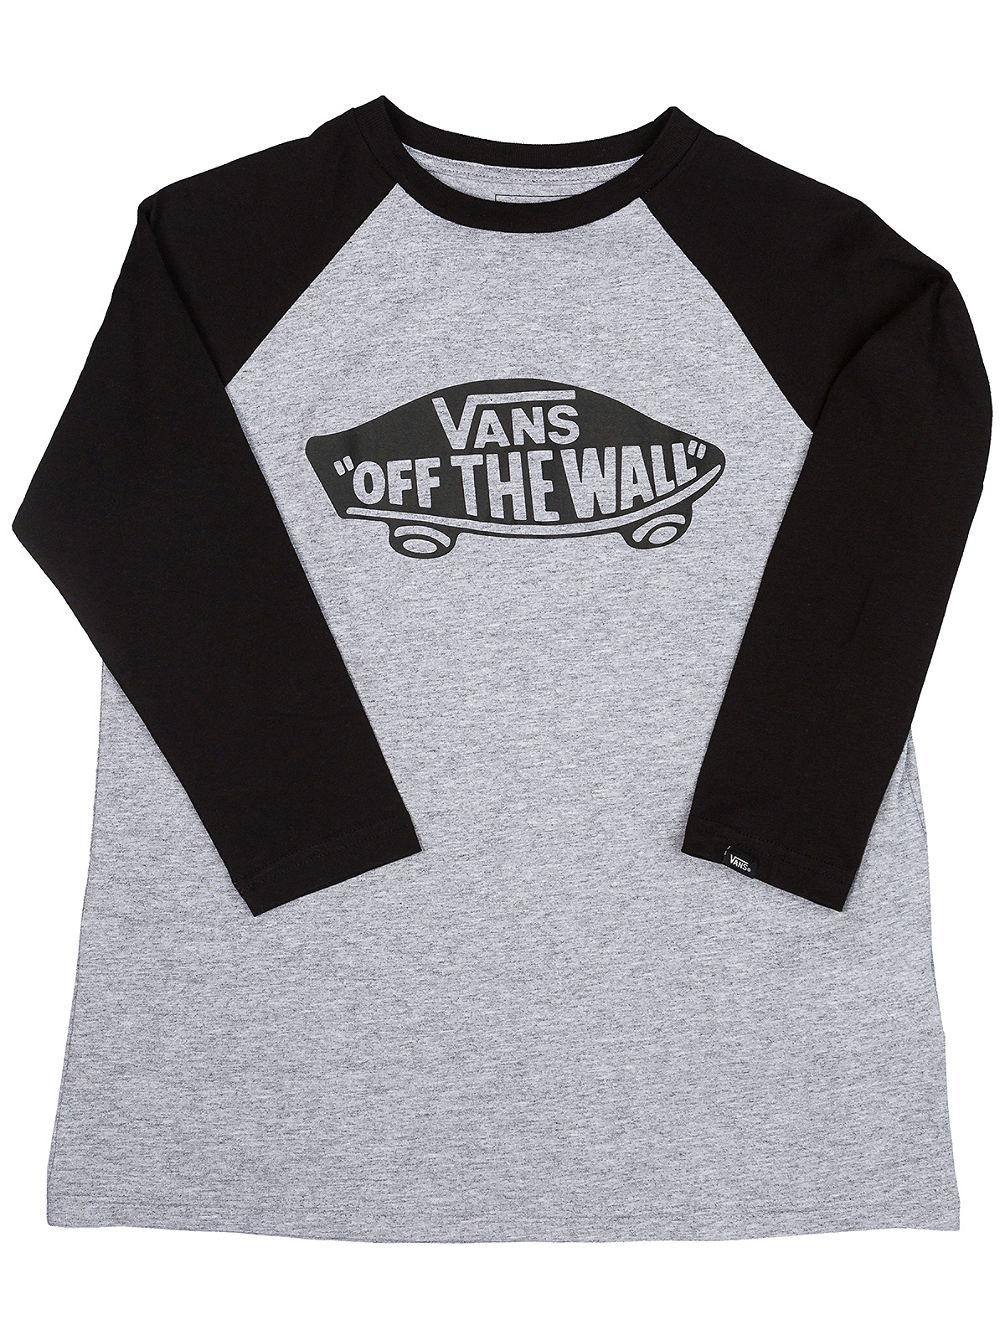 b217365f7af22 Buy Vans Otw Raglan Long Sleeve T-Shirt online at Blue Tomato